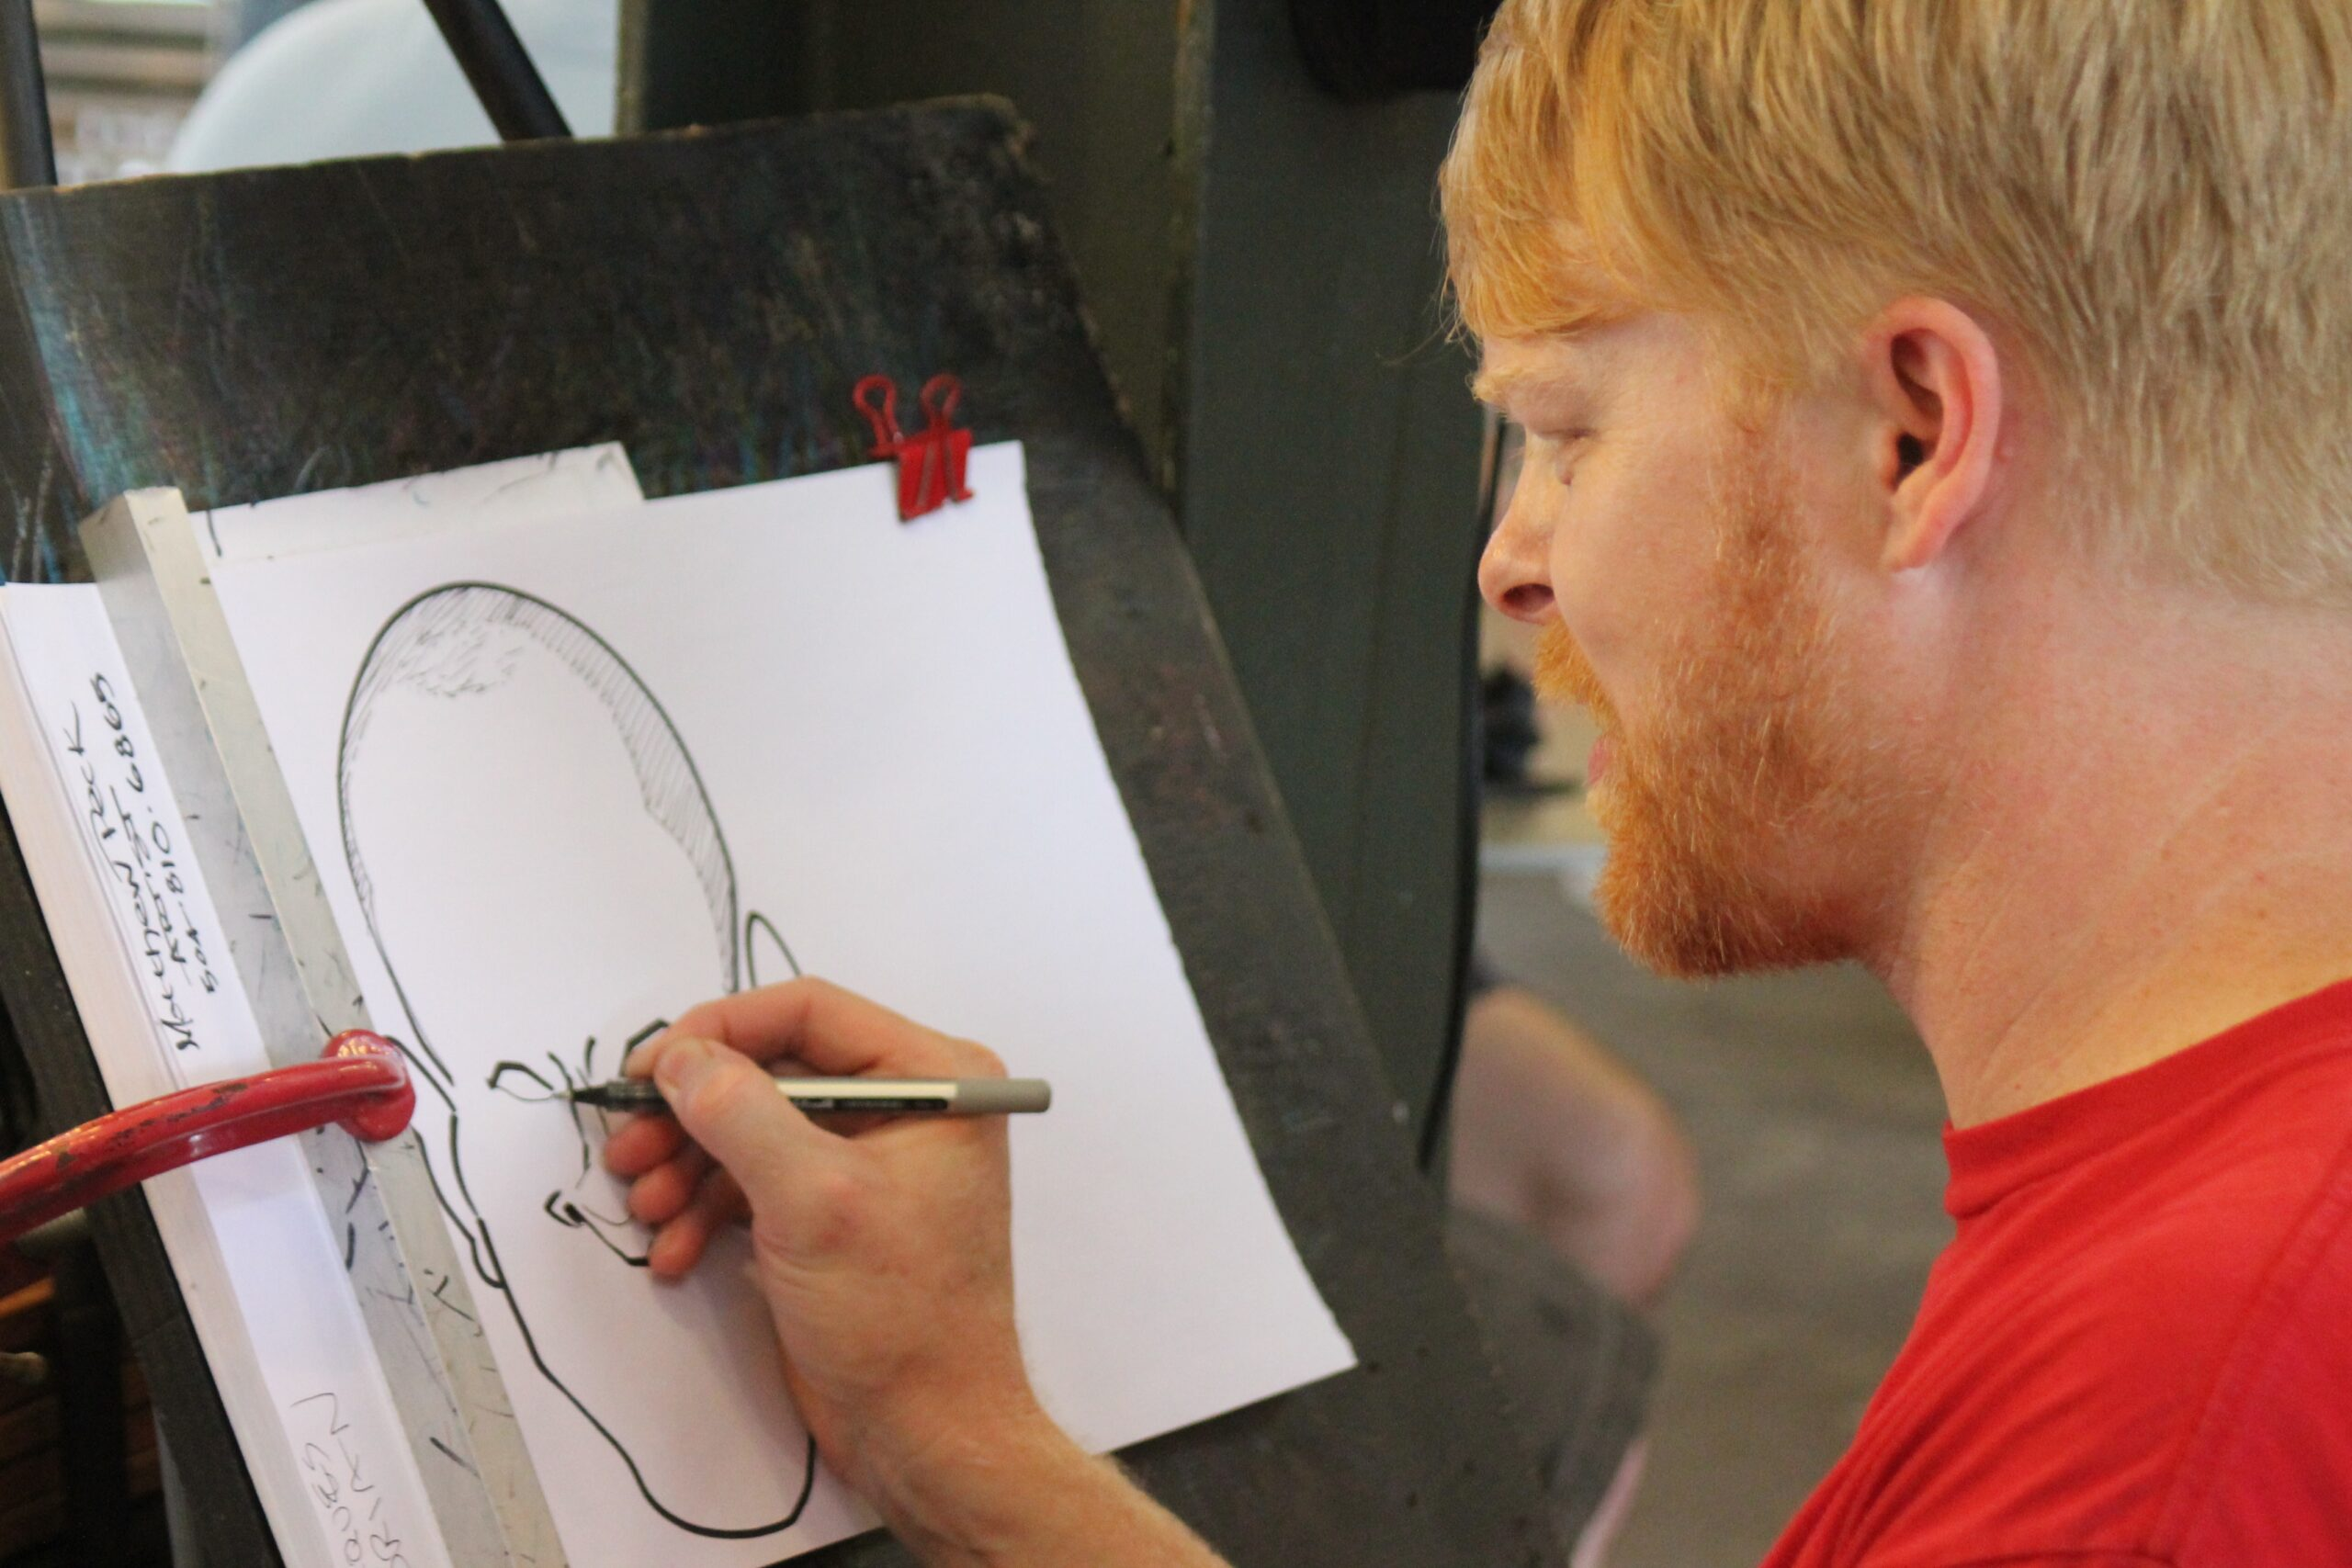 Homem desenhando caricatura. Imagem ilustrativa texto caricatura, cartum, charge, quadrinhos e tirinha.